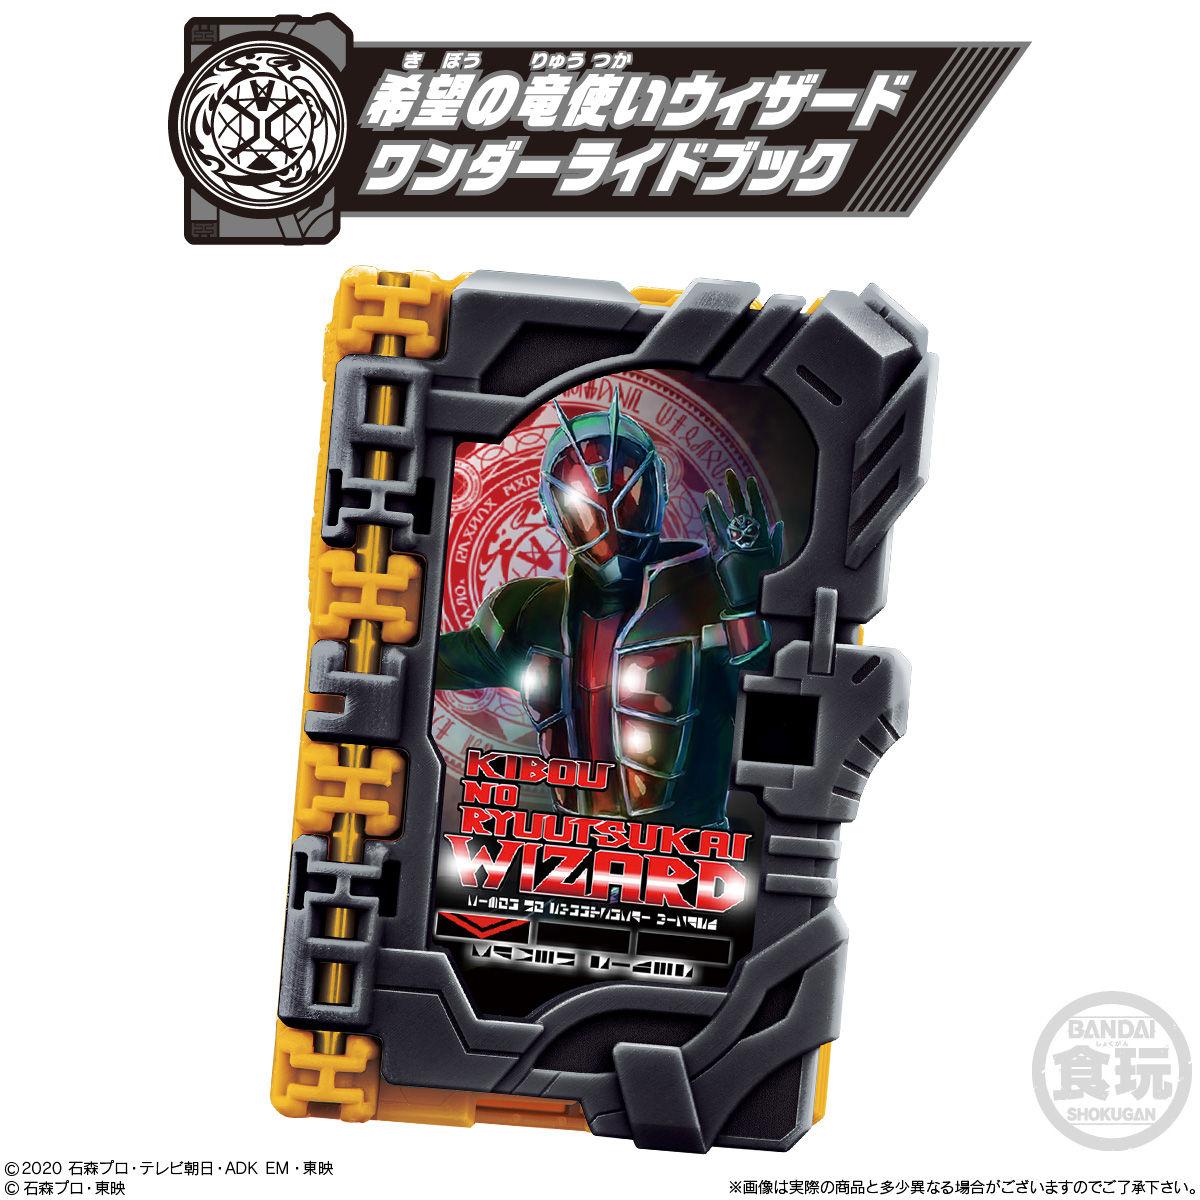 【食玩】仮面ライダーセイバー『コレクタブルワンダーライドブック SG07』8個入りBOX-006